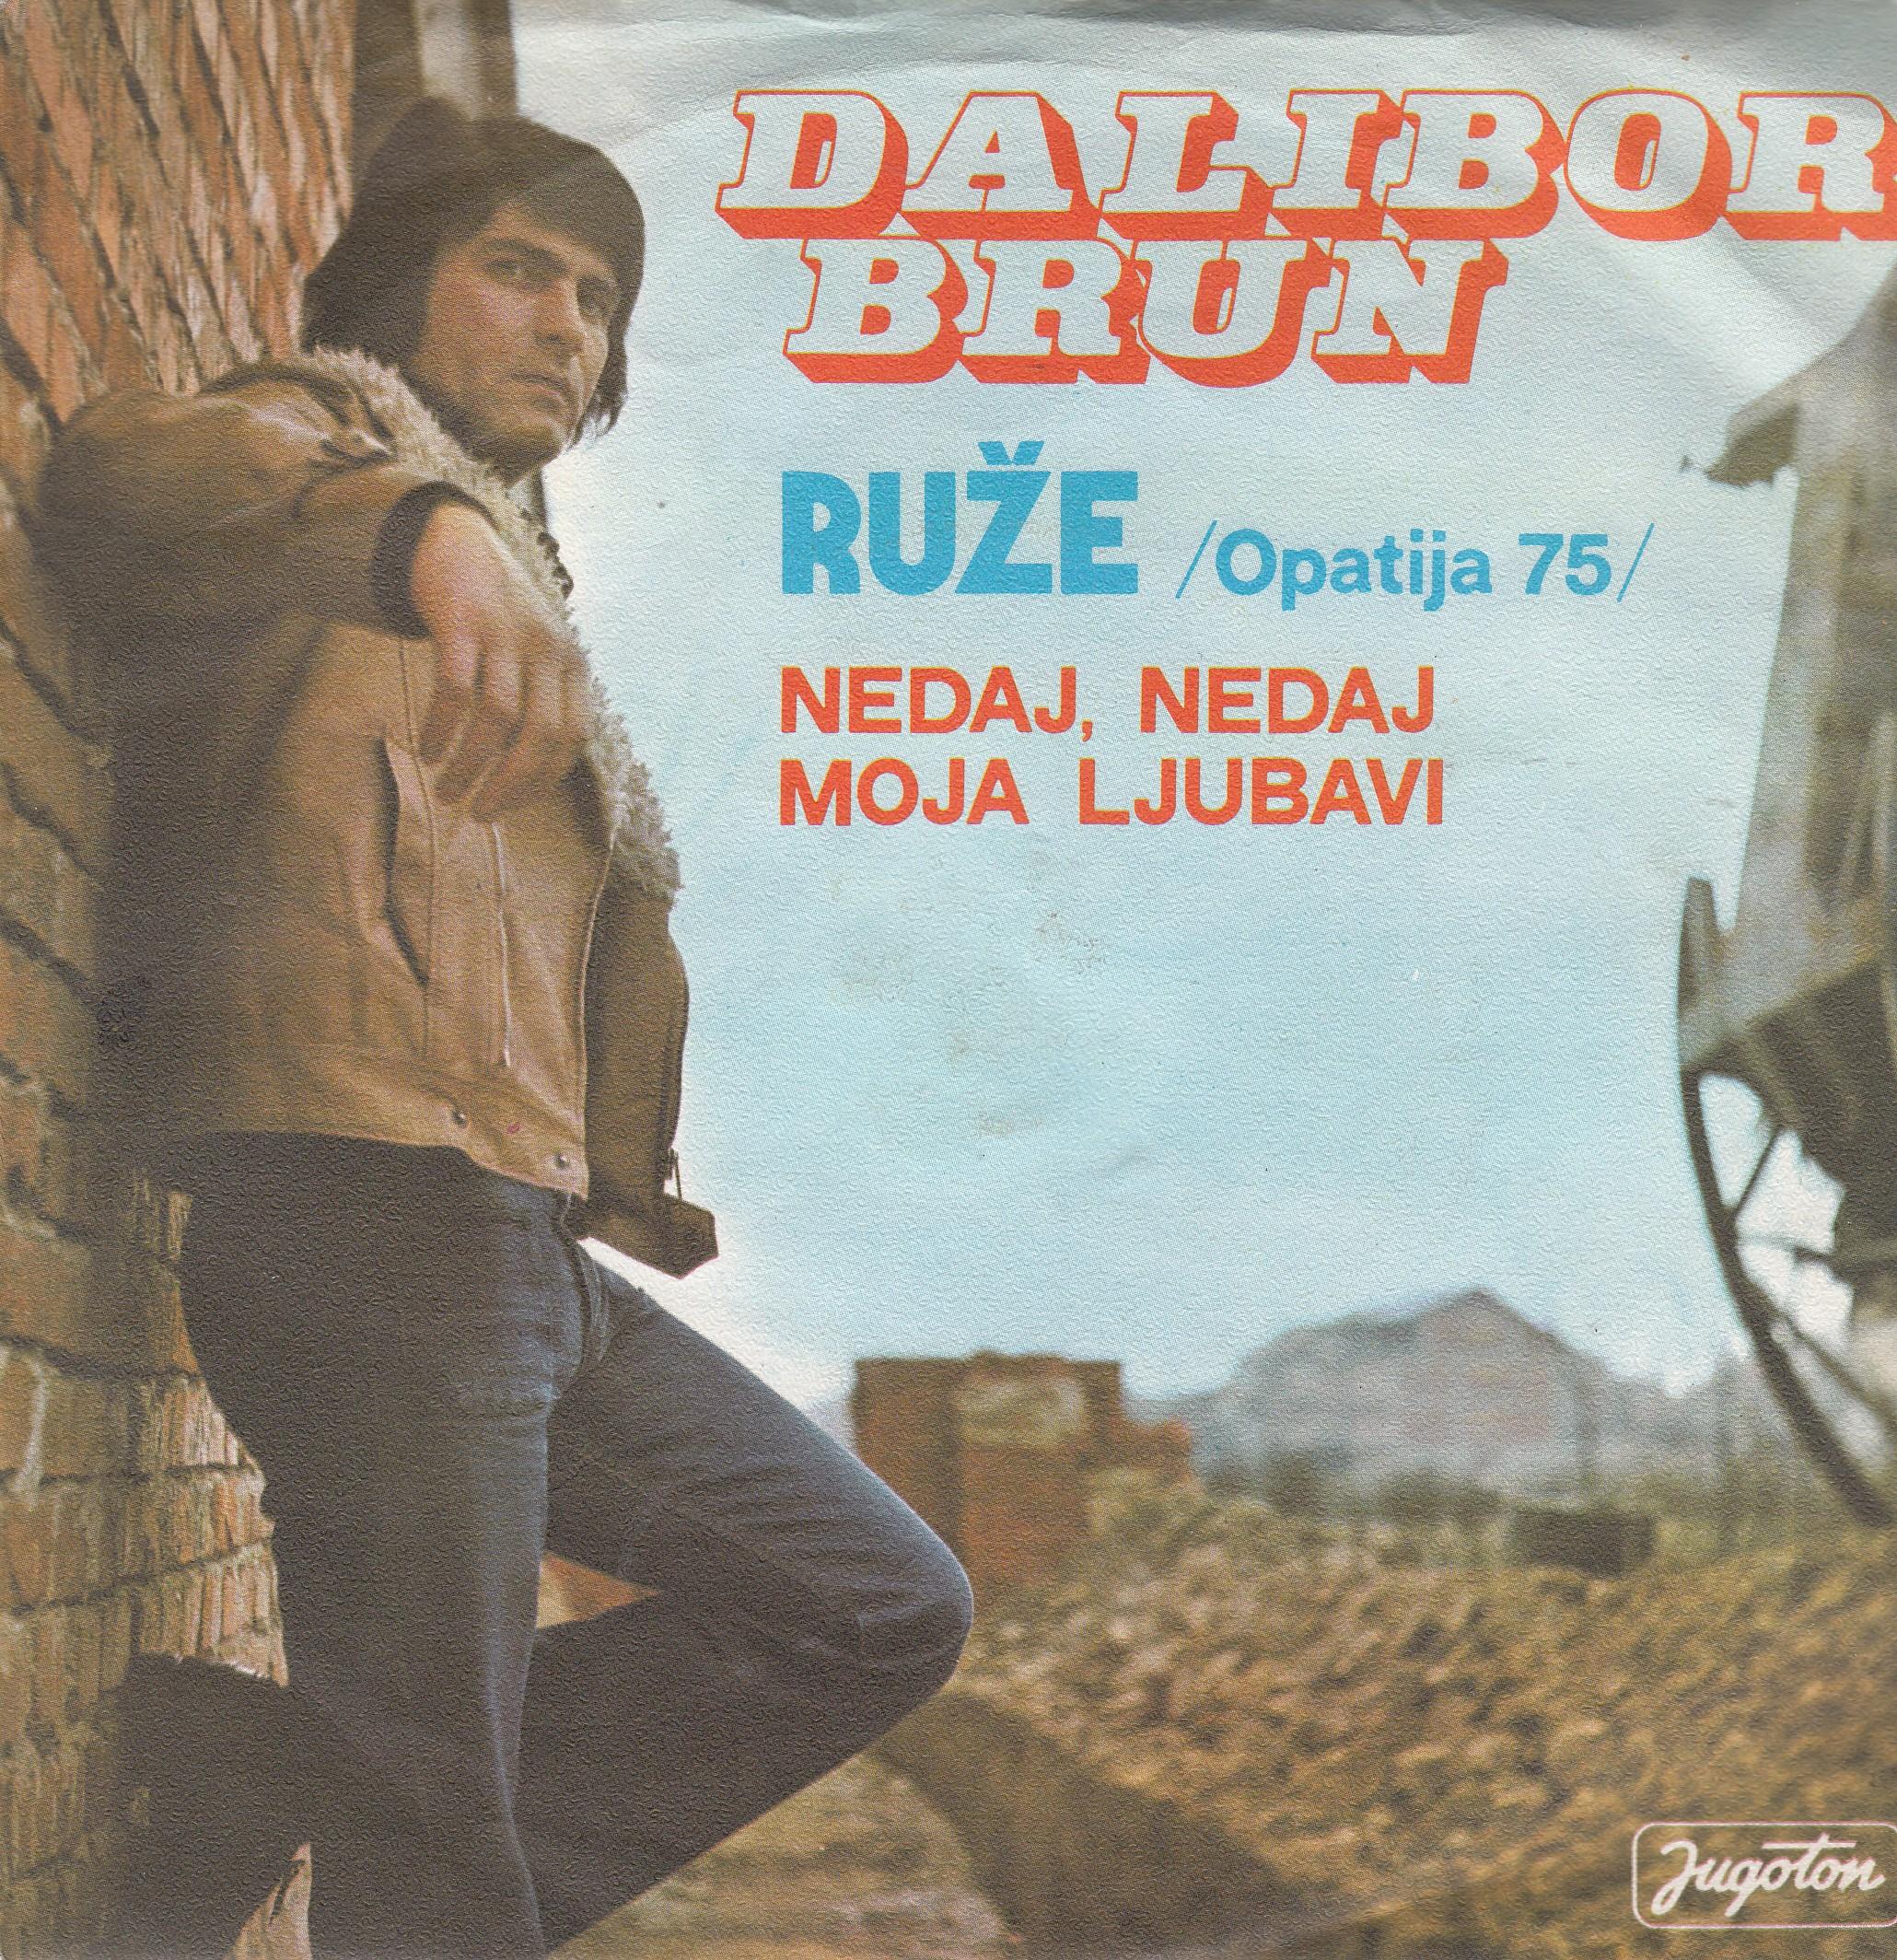 Brun Dalibor - Ruze/nedaj Nedaj Moja Ljubavi